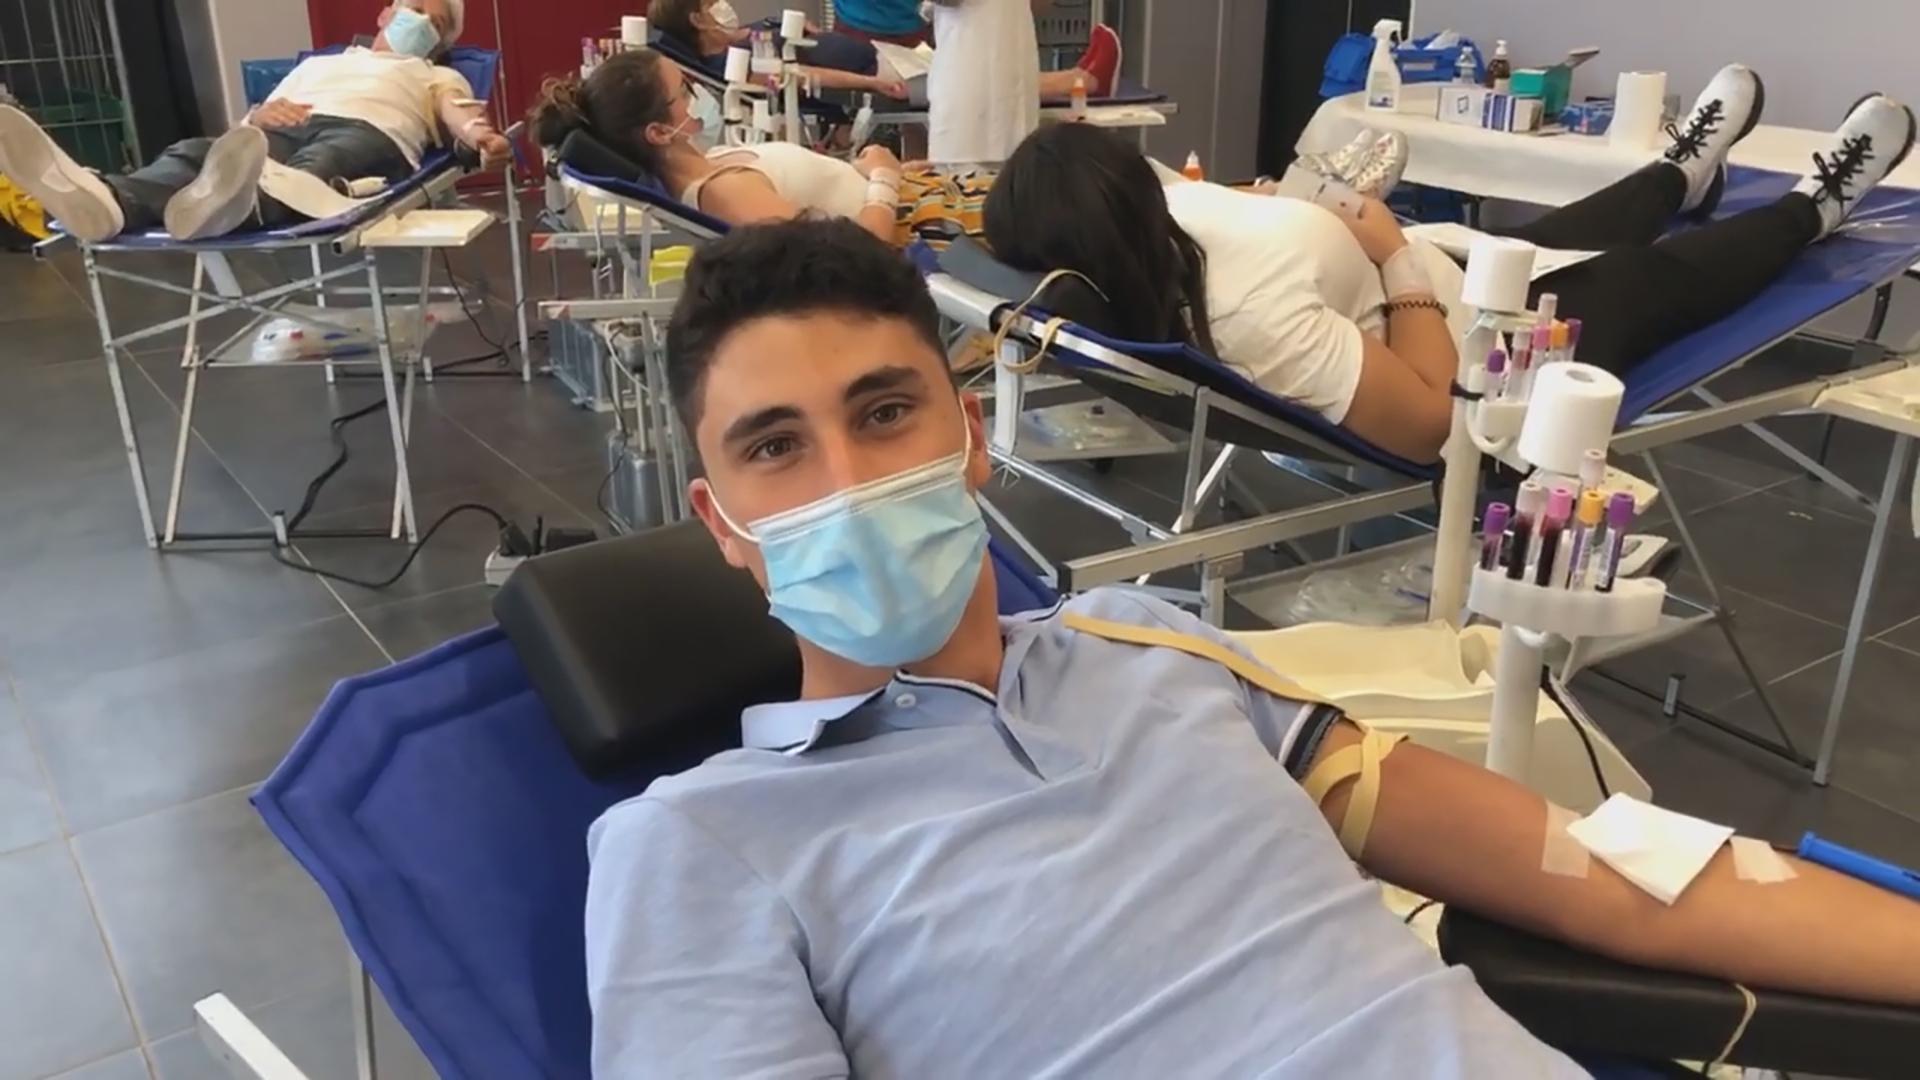 Jeune homme don de sang montady 01 09 2020